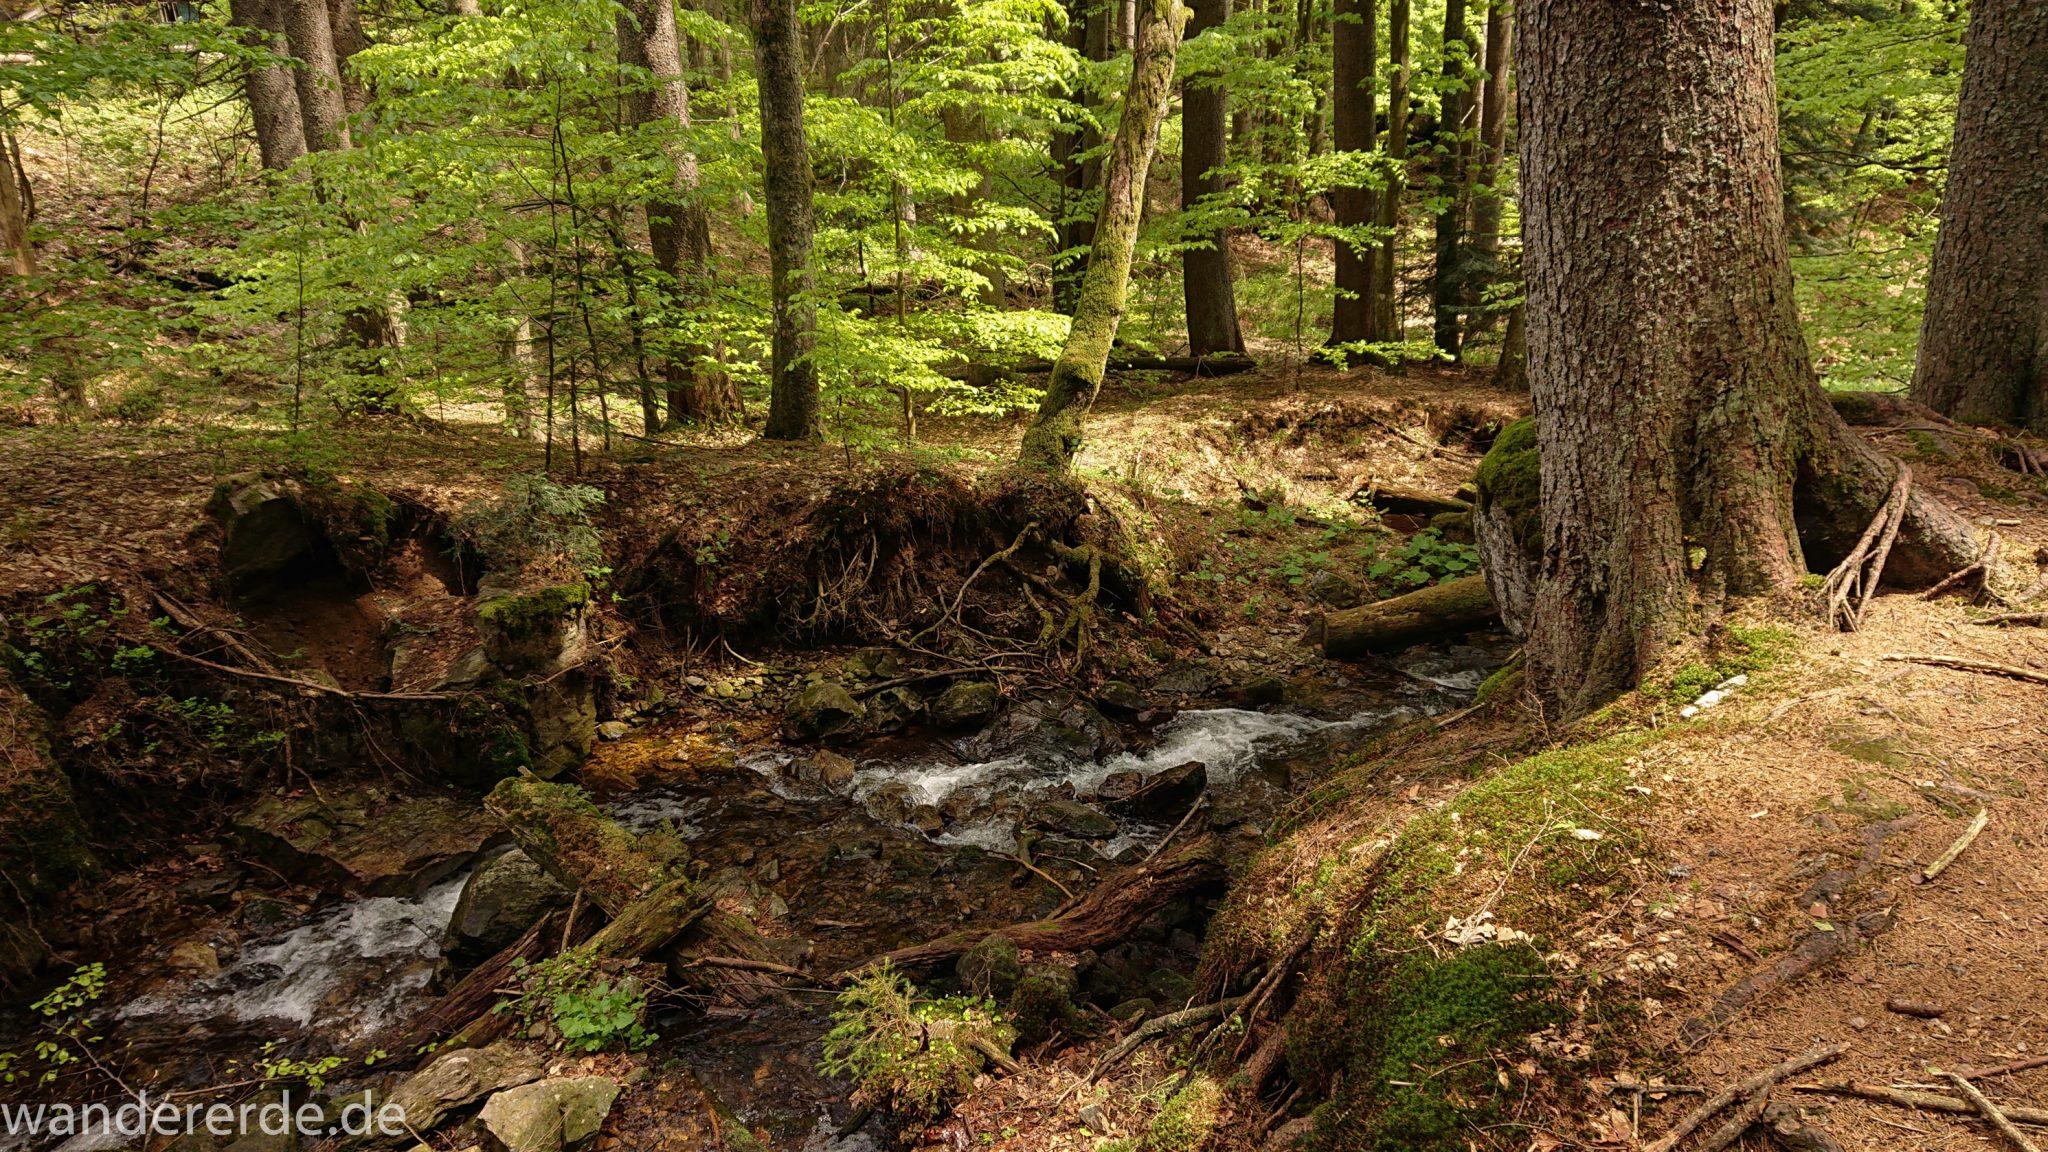 Rundwanderung zum Großen Falkenstein im Bayerischen Wald mit Start beim Zwieslerwaldhaus, auf dem Wanderweg Heidelbeere mit traumhaft schönem und dichtem Wald, kühlender Schatten, Frühjahr im bayerischen Wald, ein kleiner Bach fließt Richtung Tal